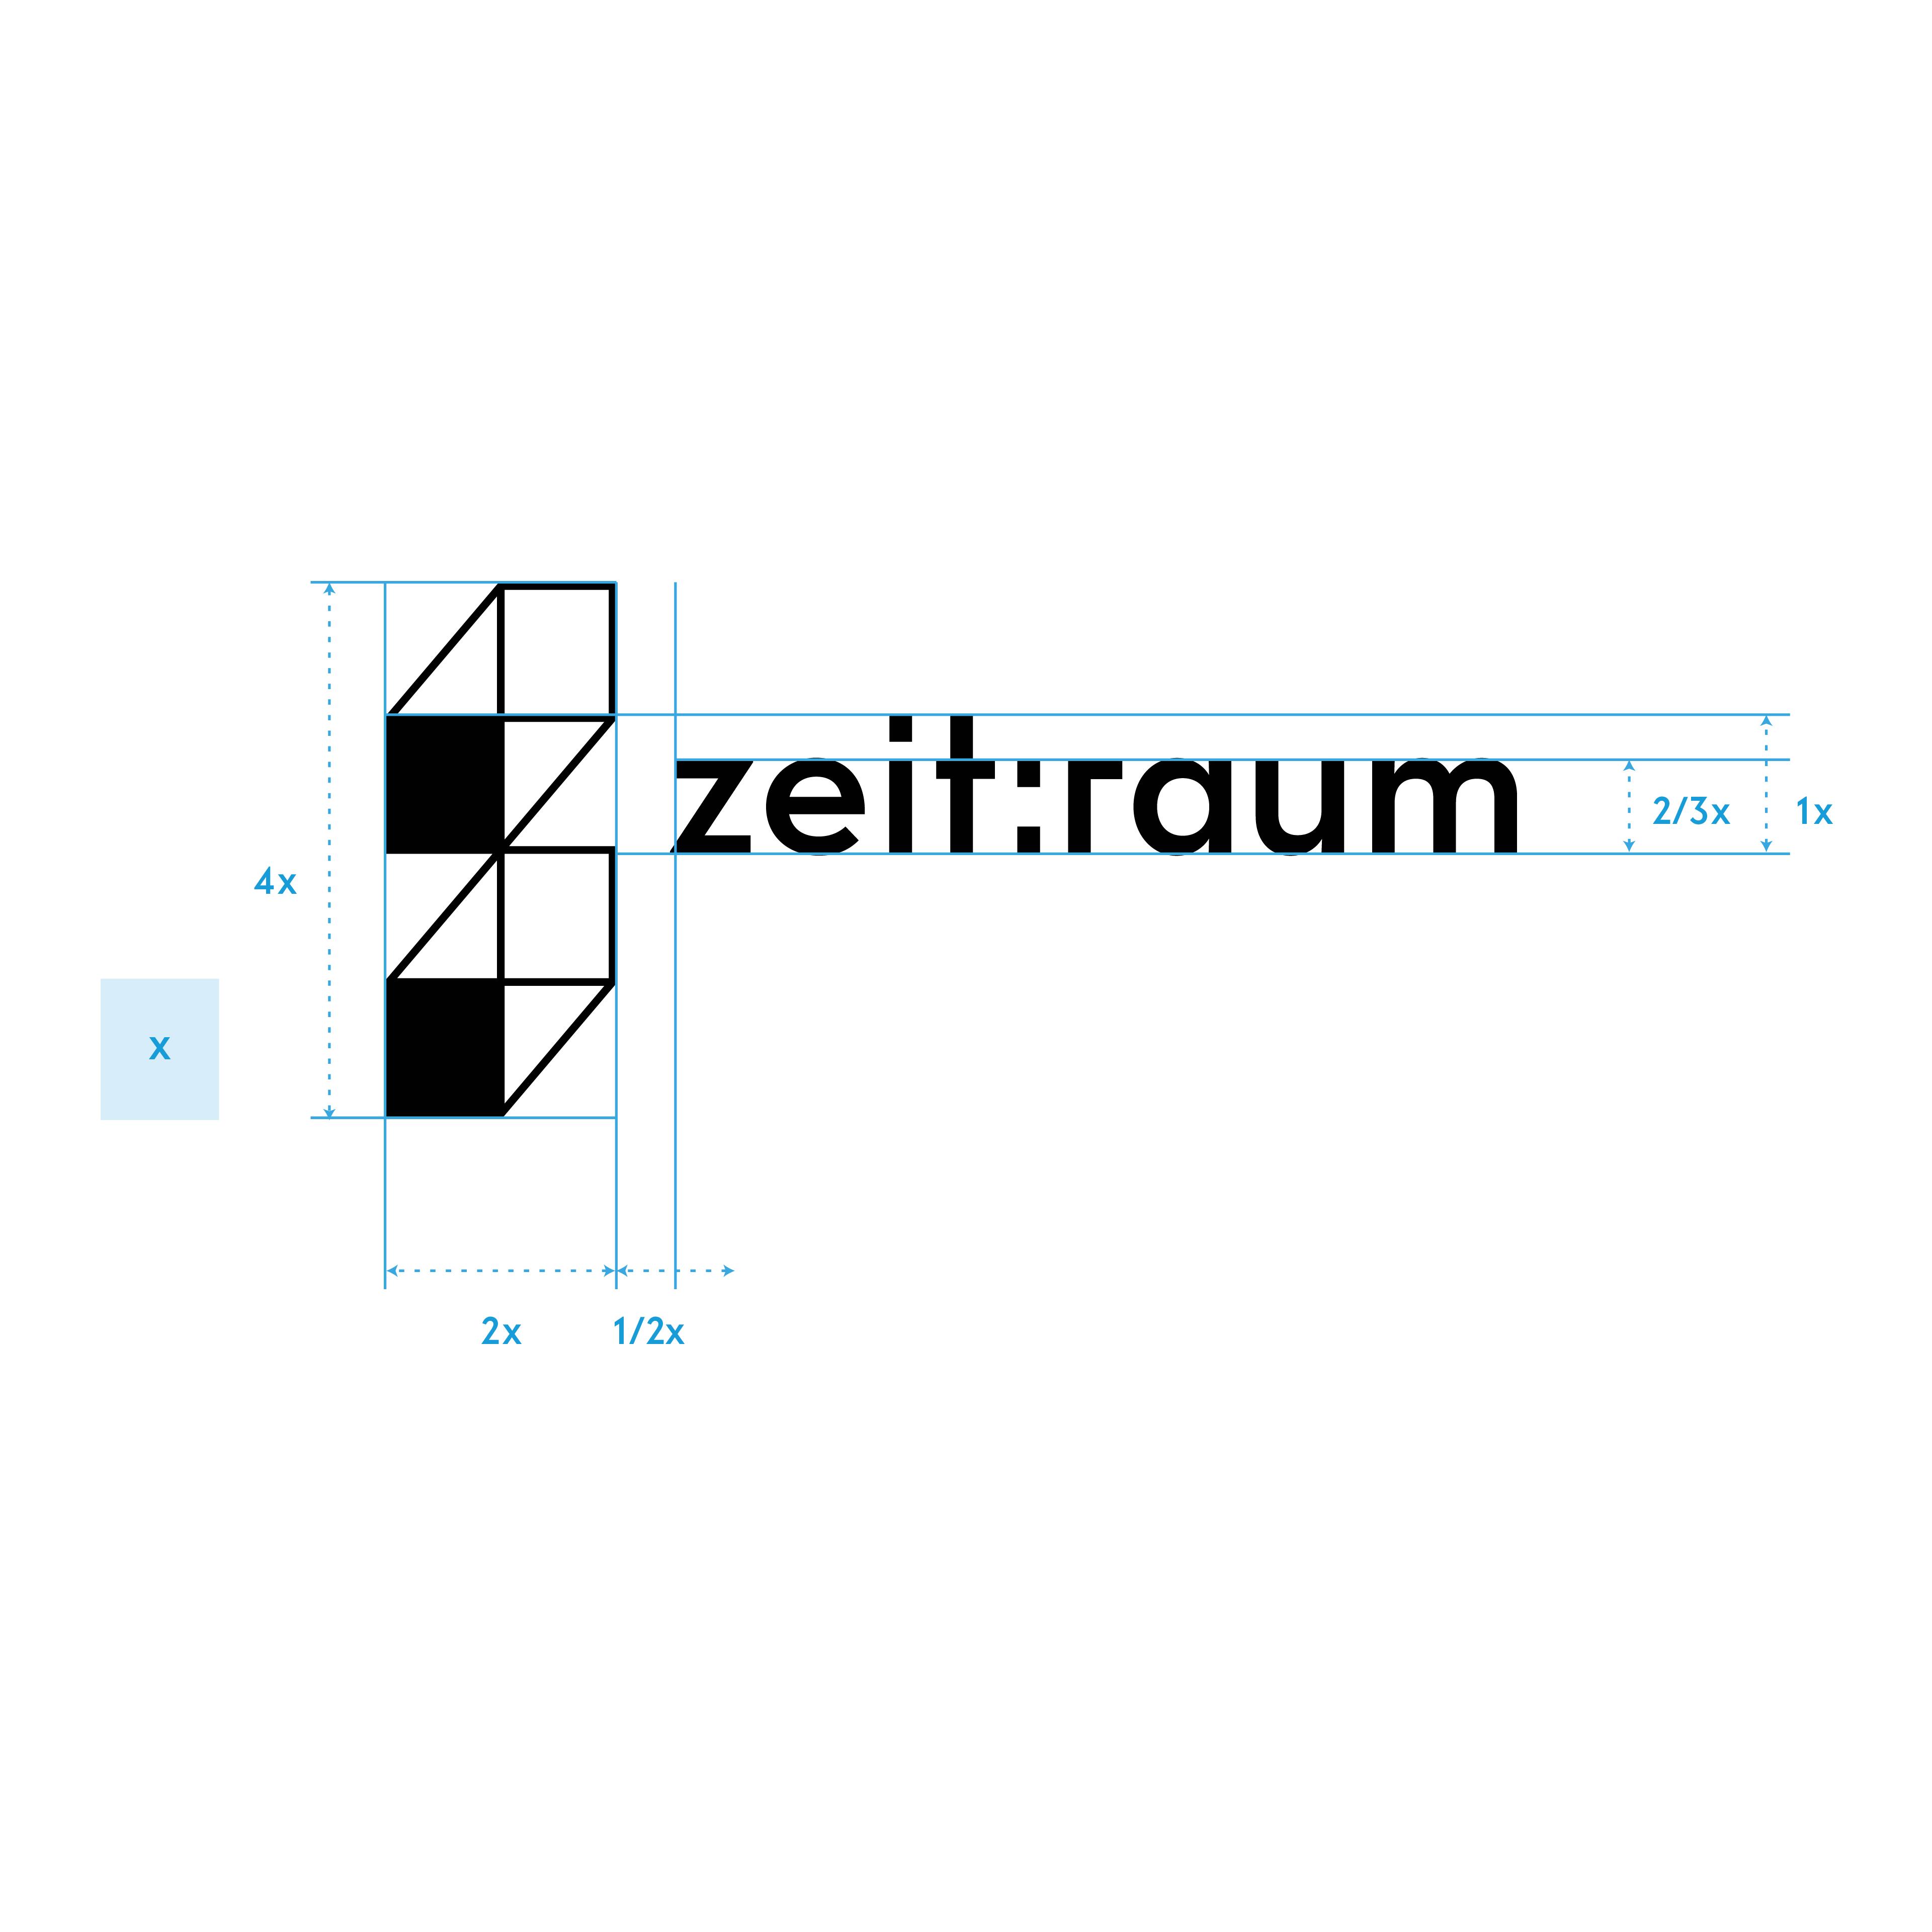 zeitraum_logo_messurement_02